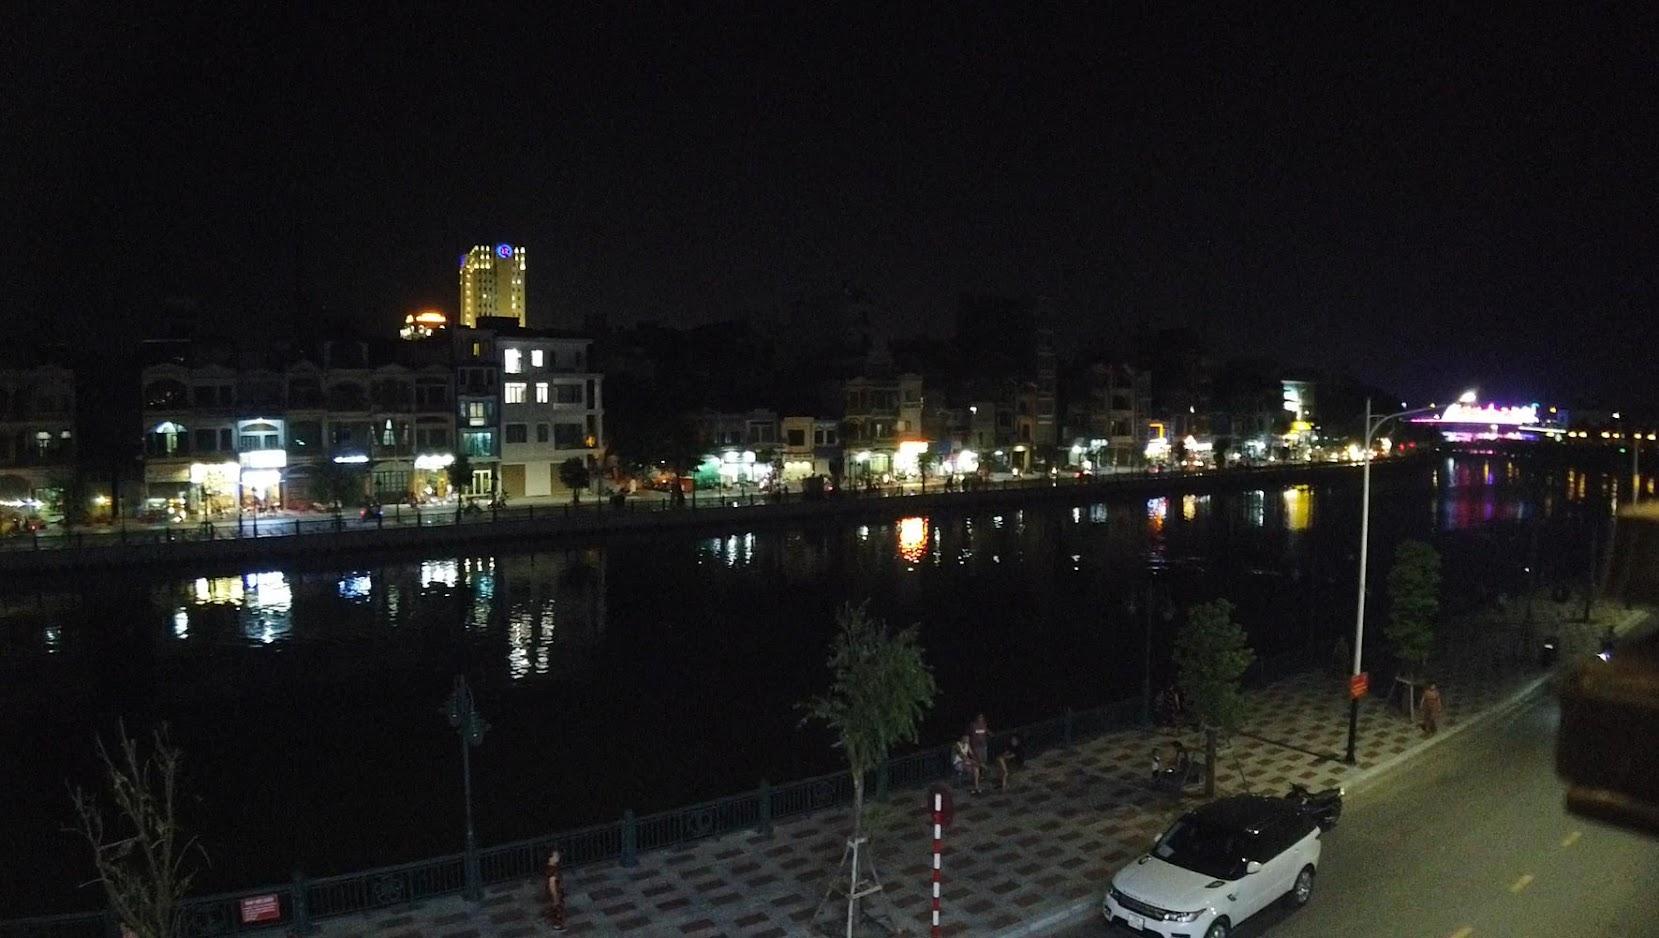 Quán view đẹp Sky Beer ngắm Phố đi bộ sông Tam Bạc ở Hải Phòng 2